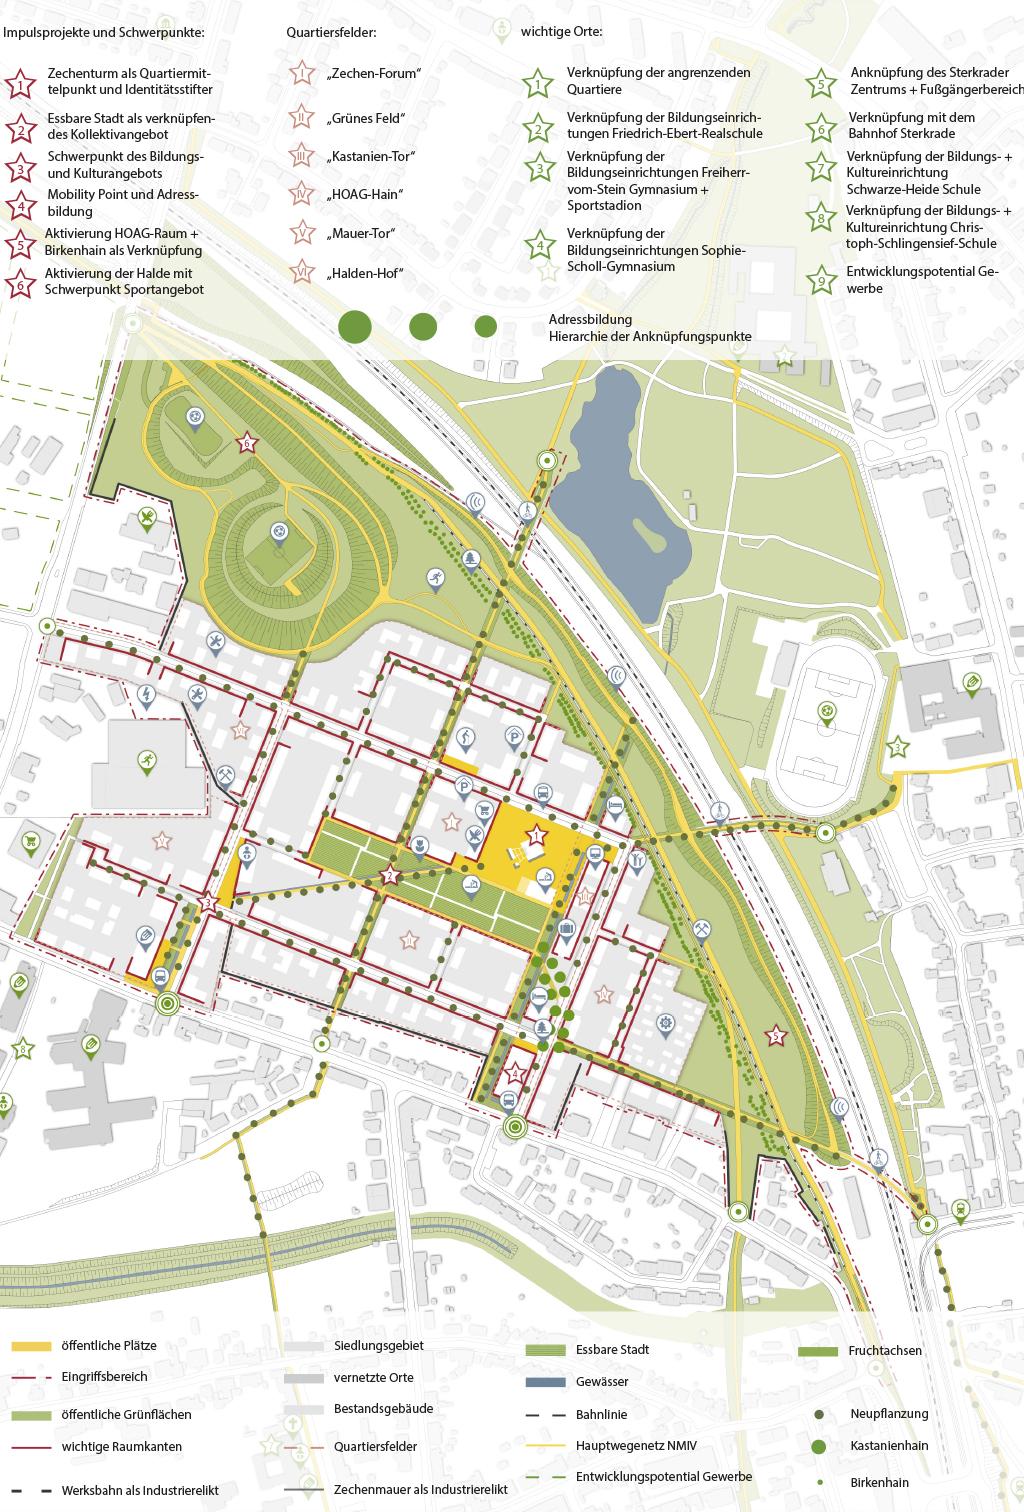 Meier-Ebbers_Stadt_Zeche-Sterkrade_Rahmenplan